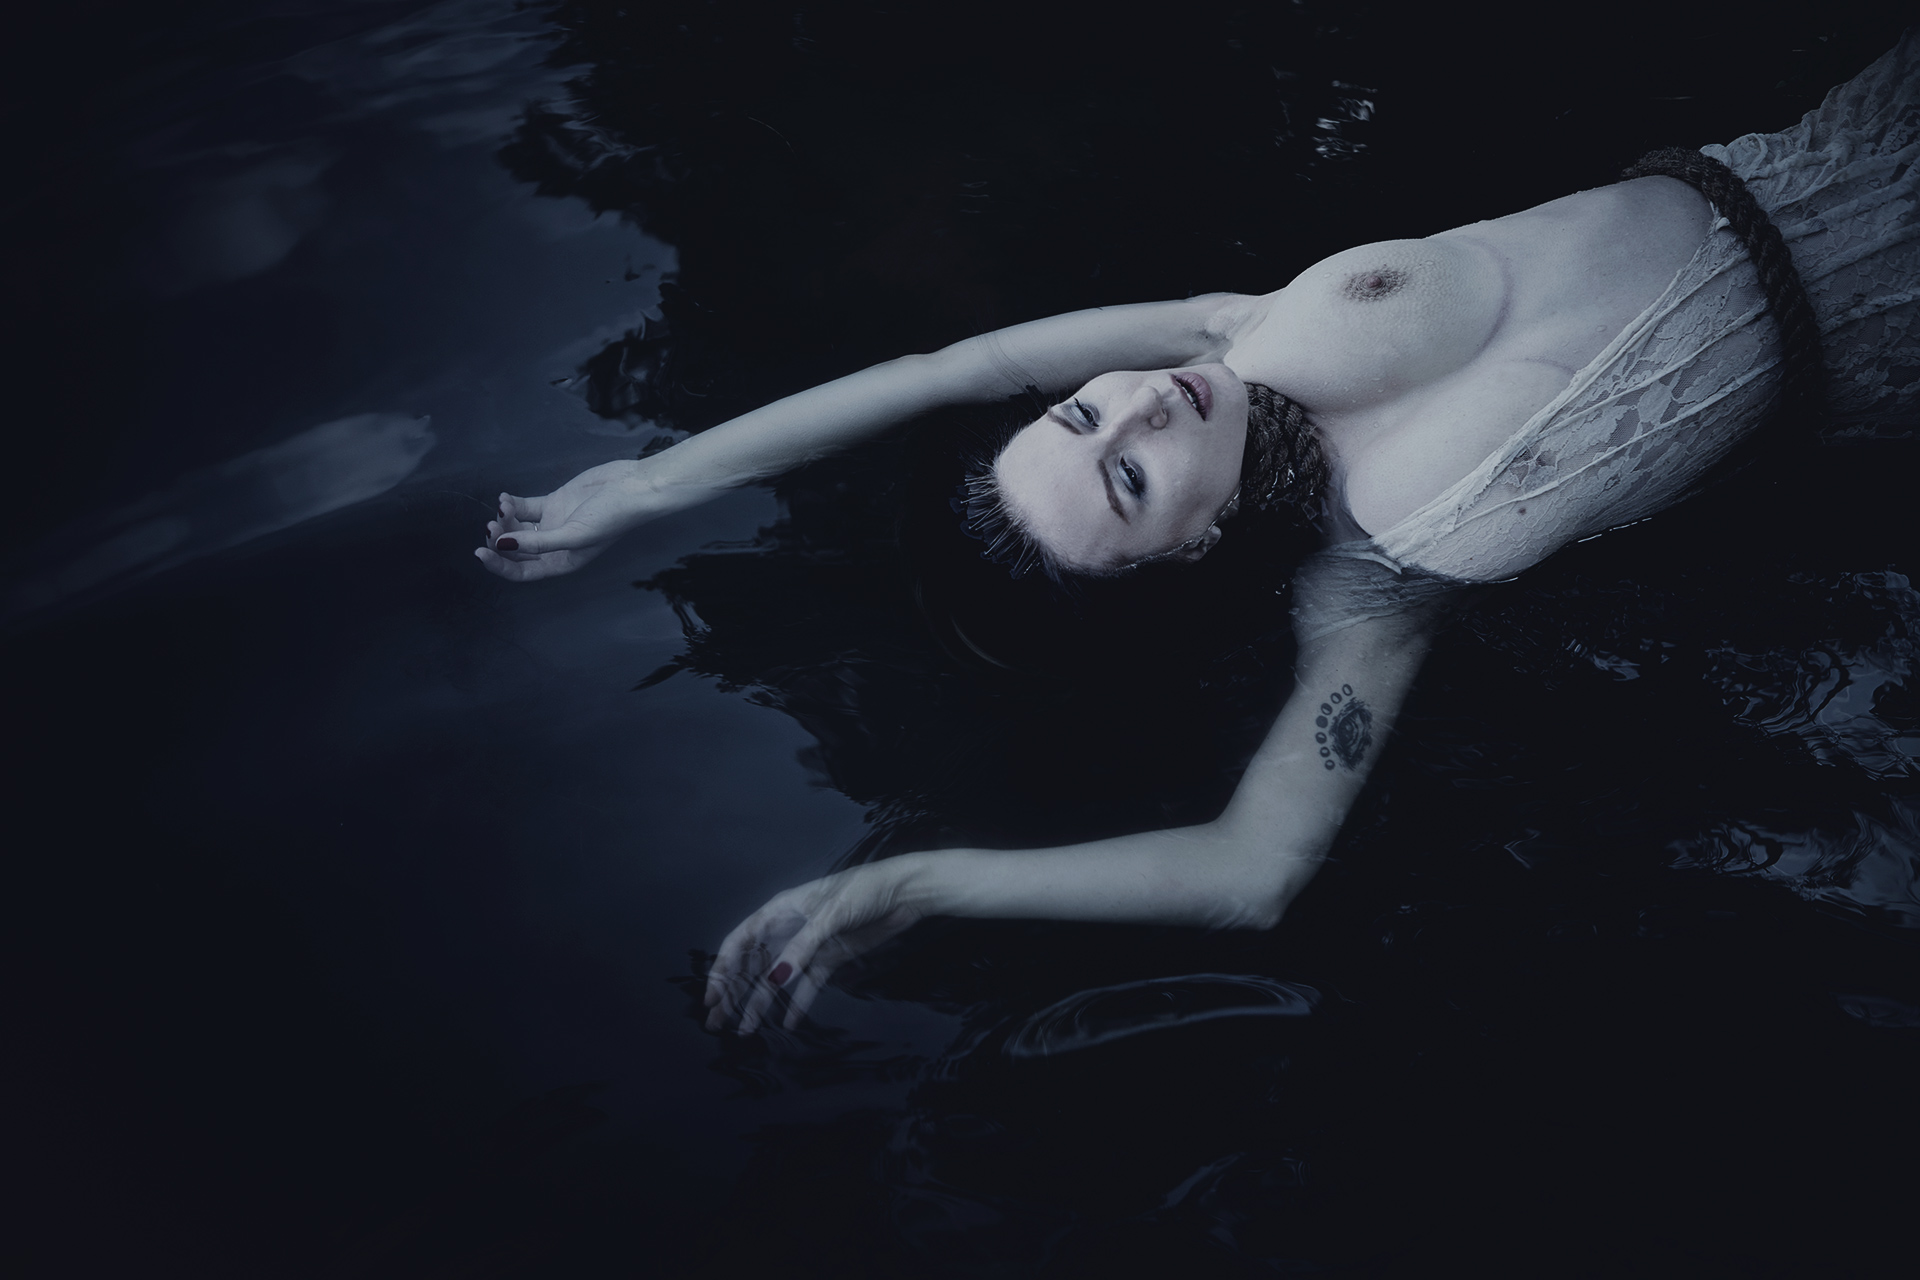 Фото – Константин Александров, муза –Таисия в ню-фотосъемке Ophelia